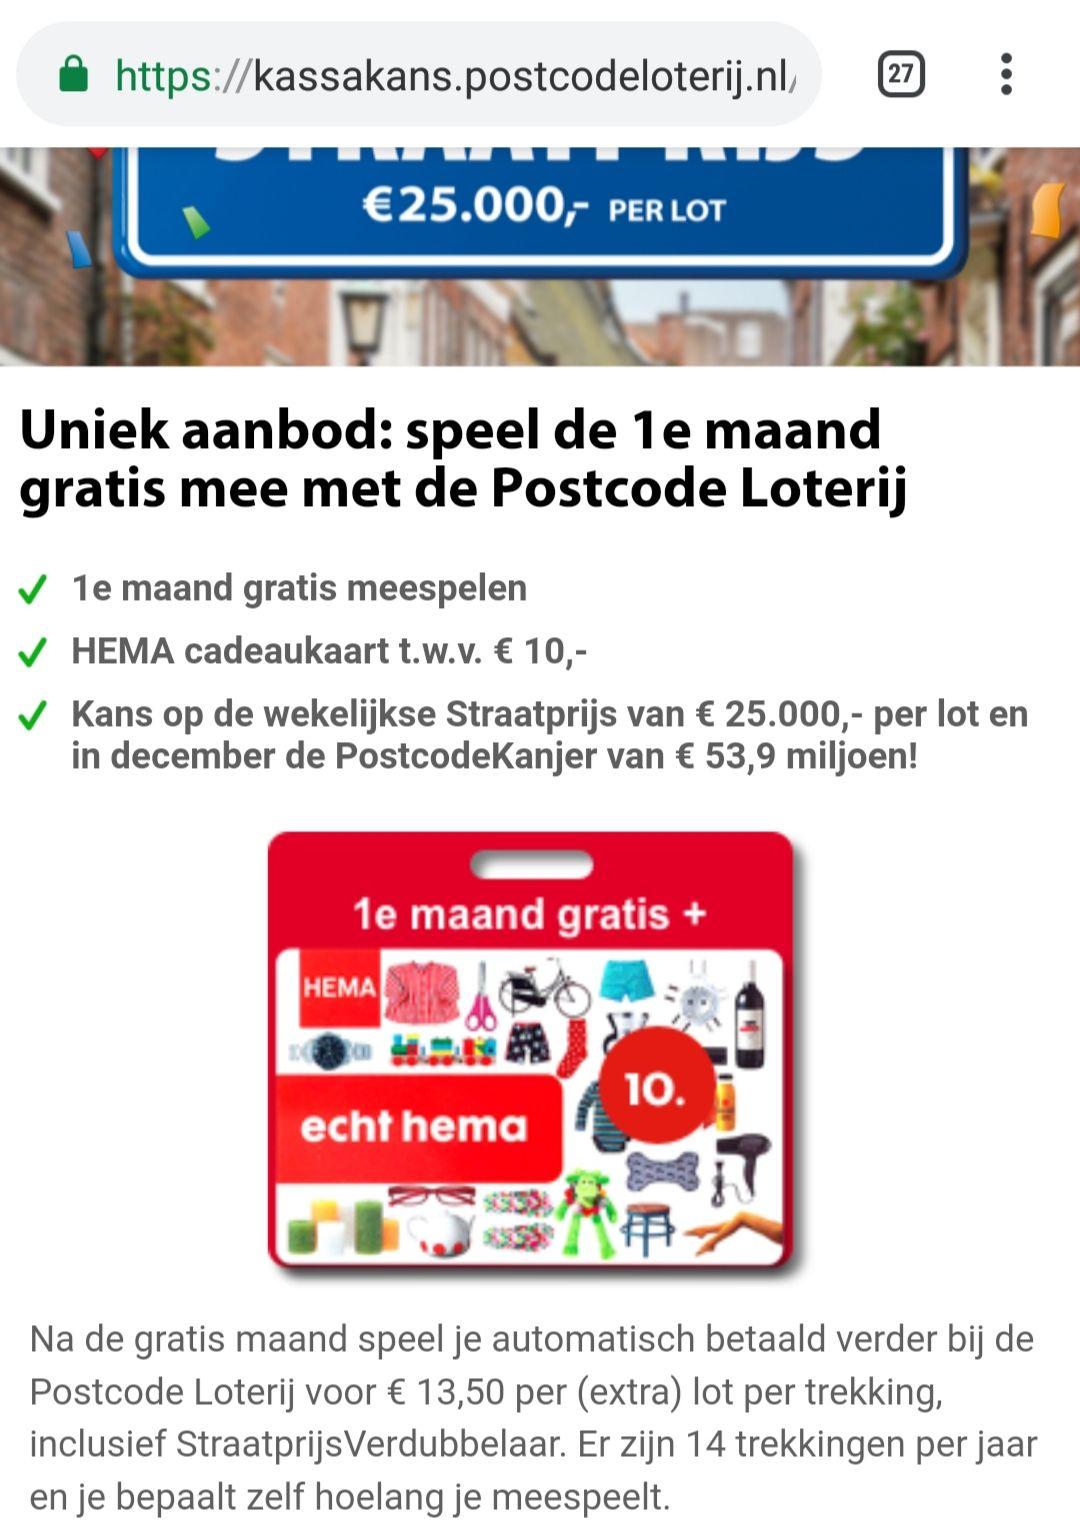 1 maand gratis + €10 HEMA cadeaukaart @ Postcodeloterij